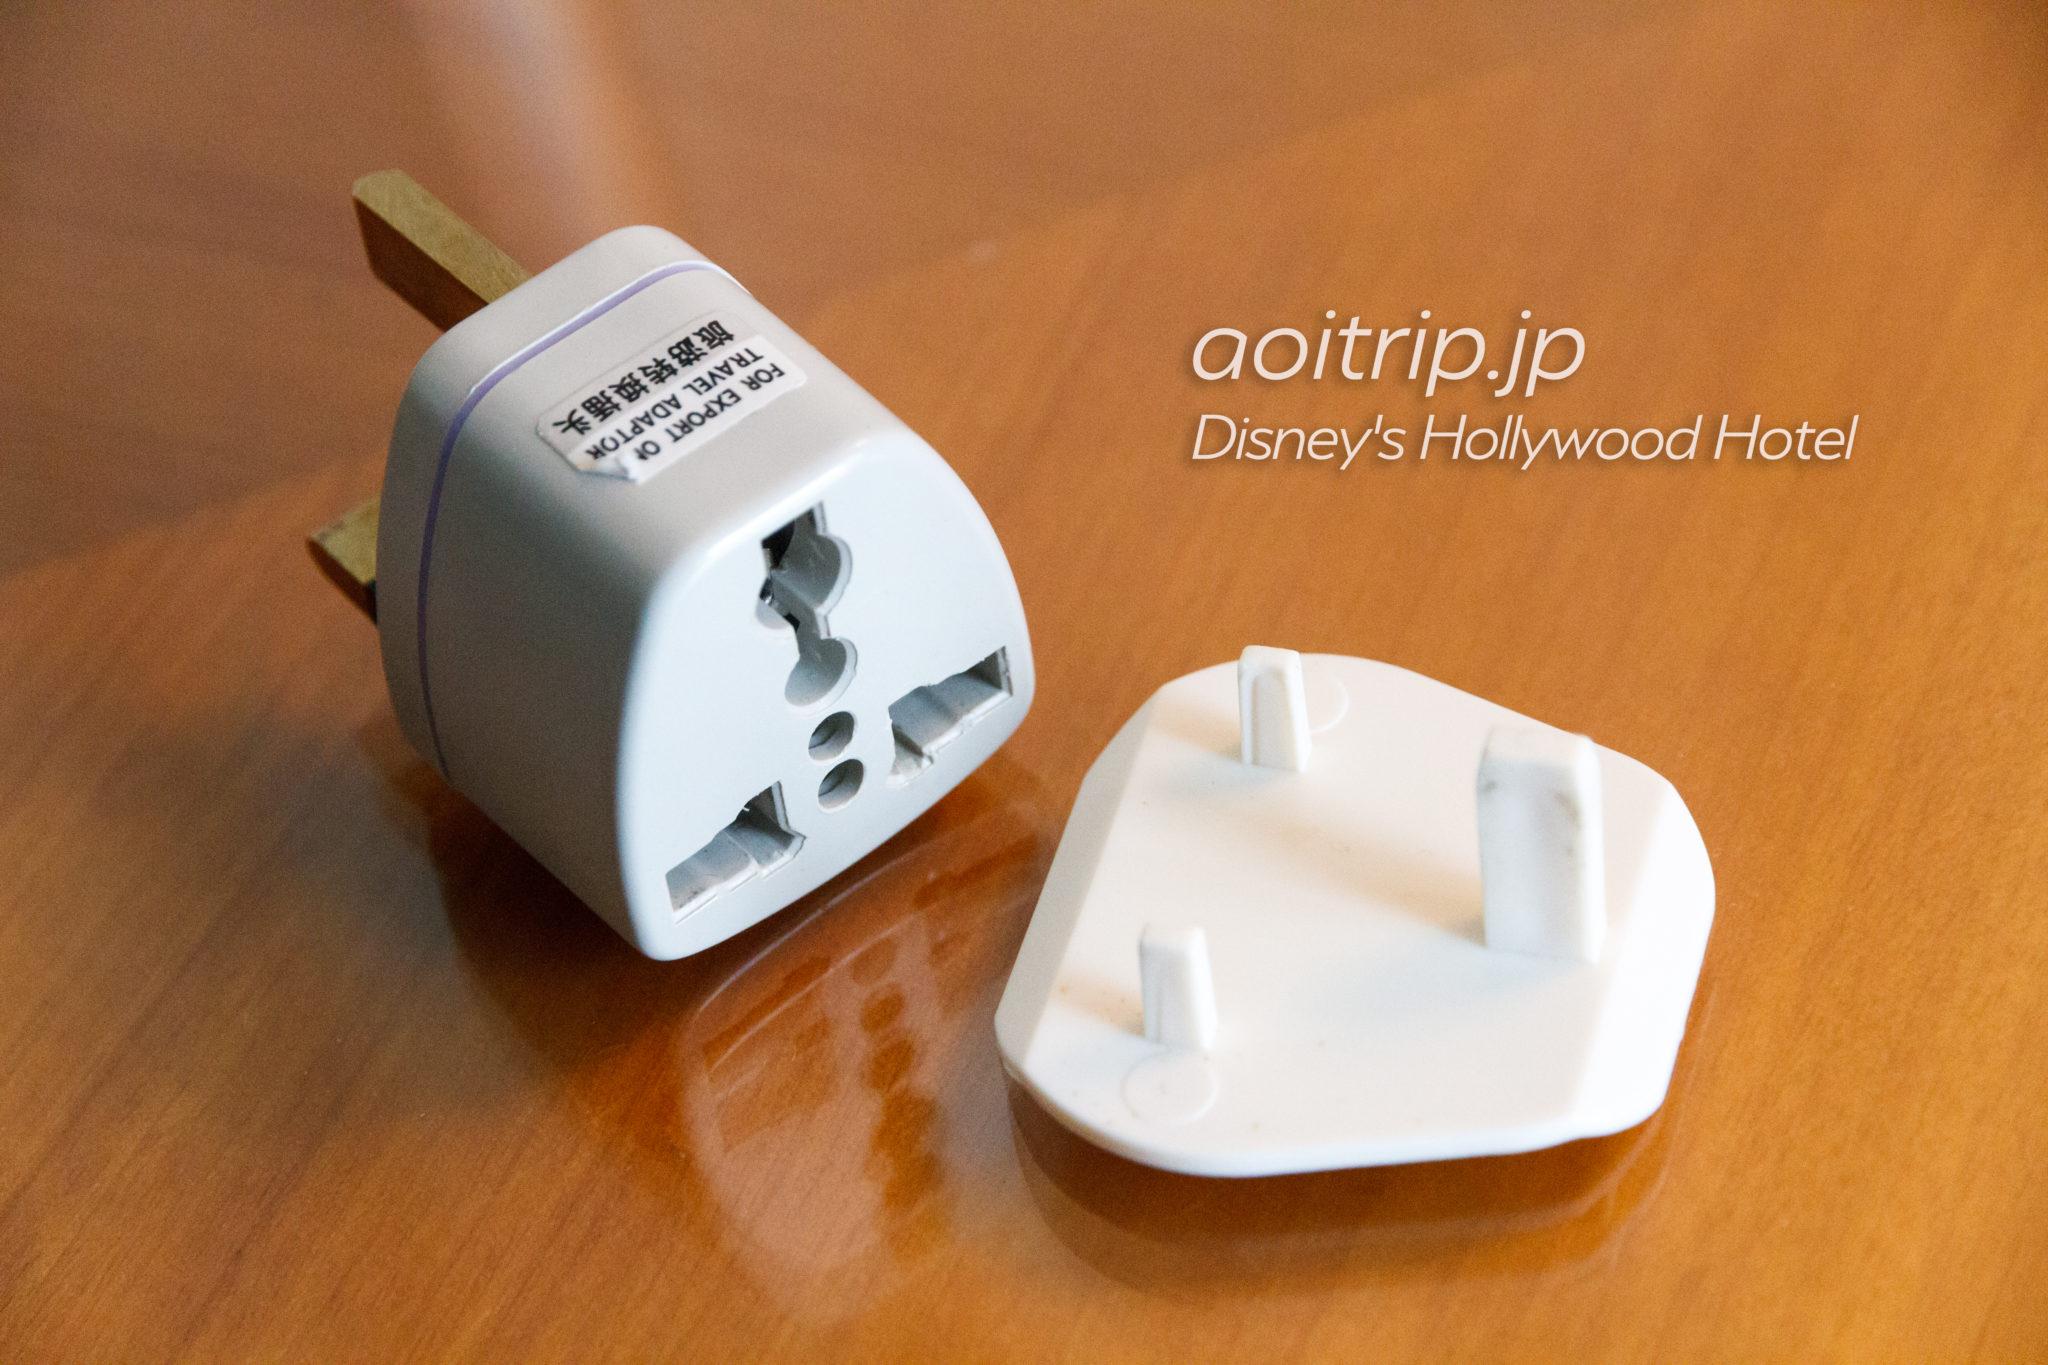 ディズニーハリウッドホテルのコンセントはBF型、変換プラグは1個